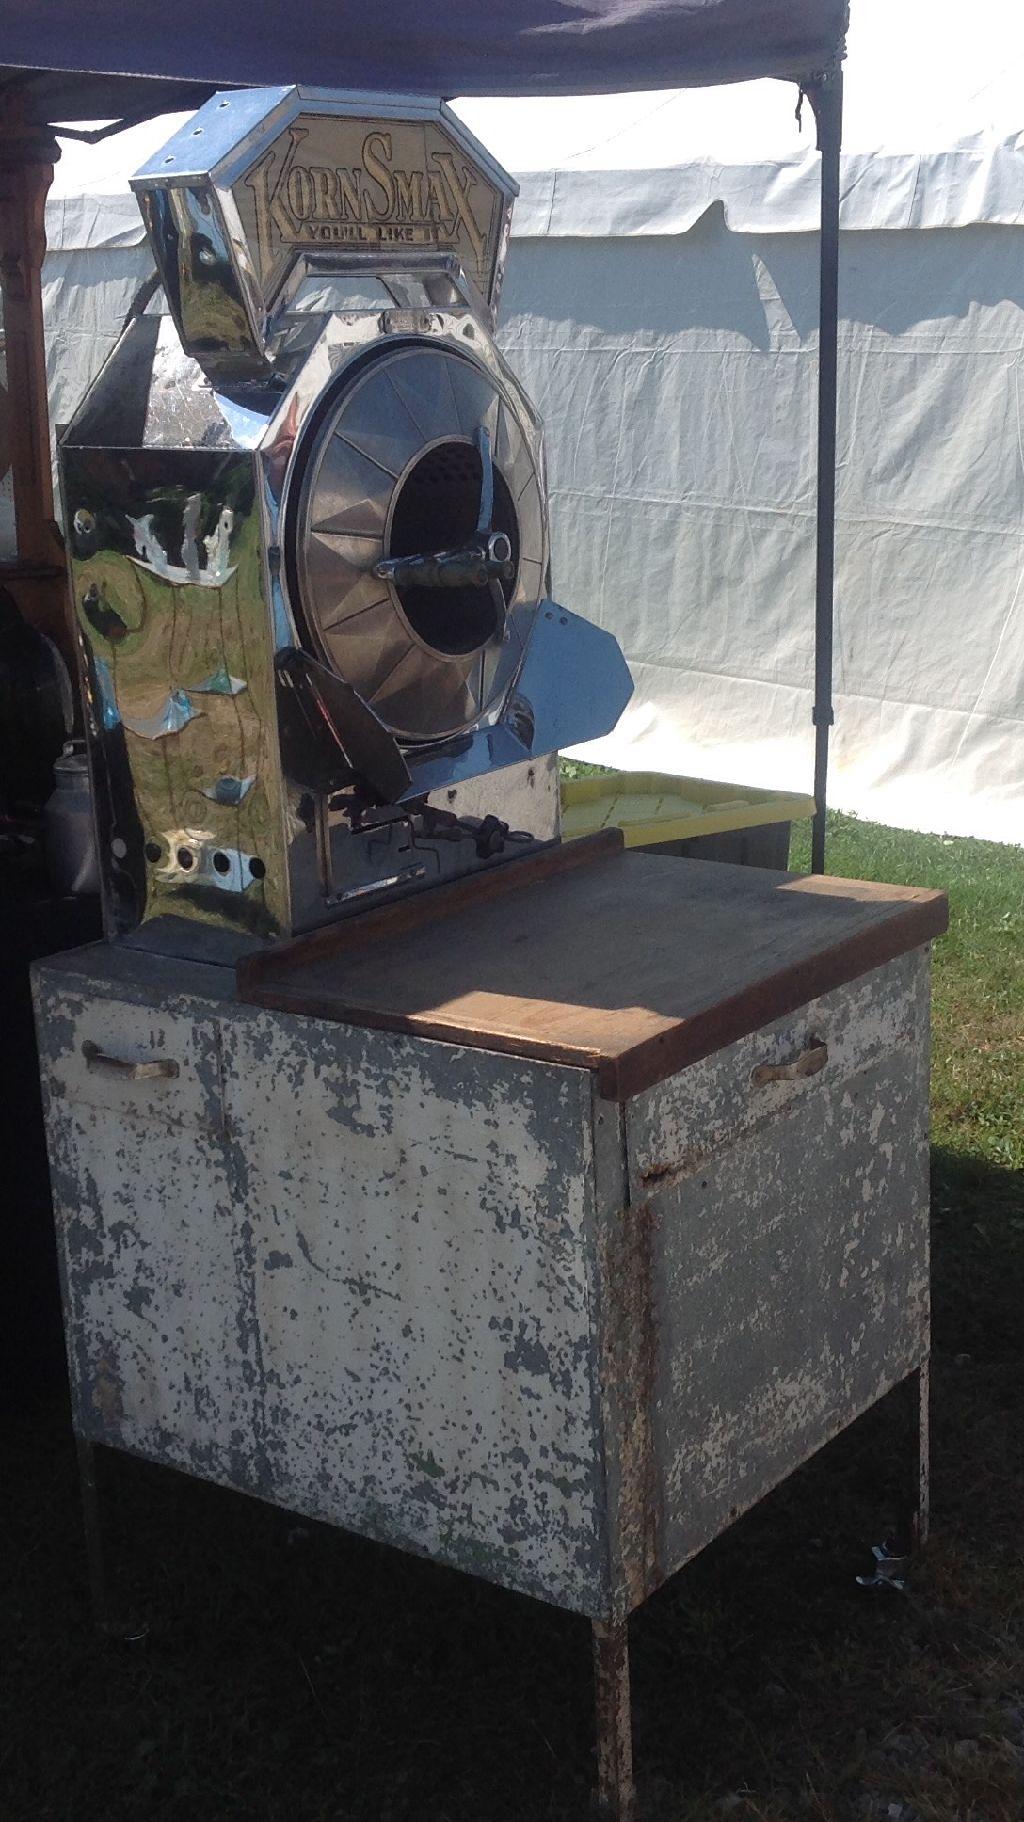 korn smax machine 7